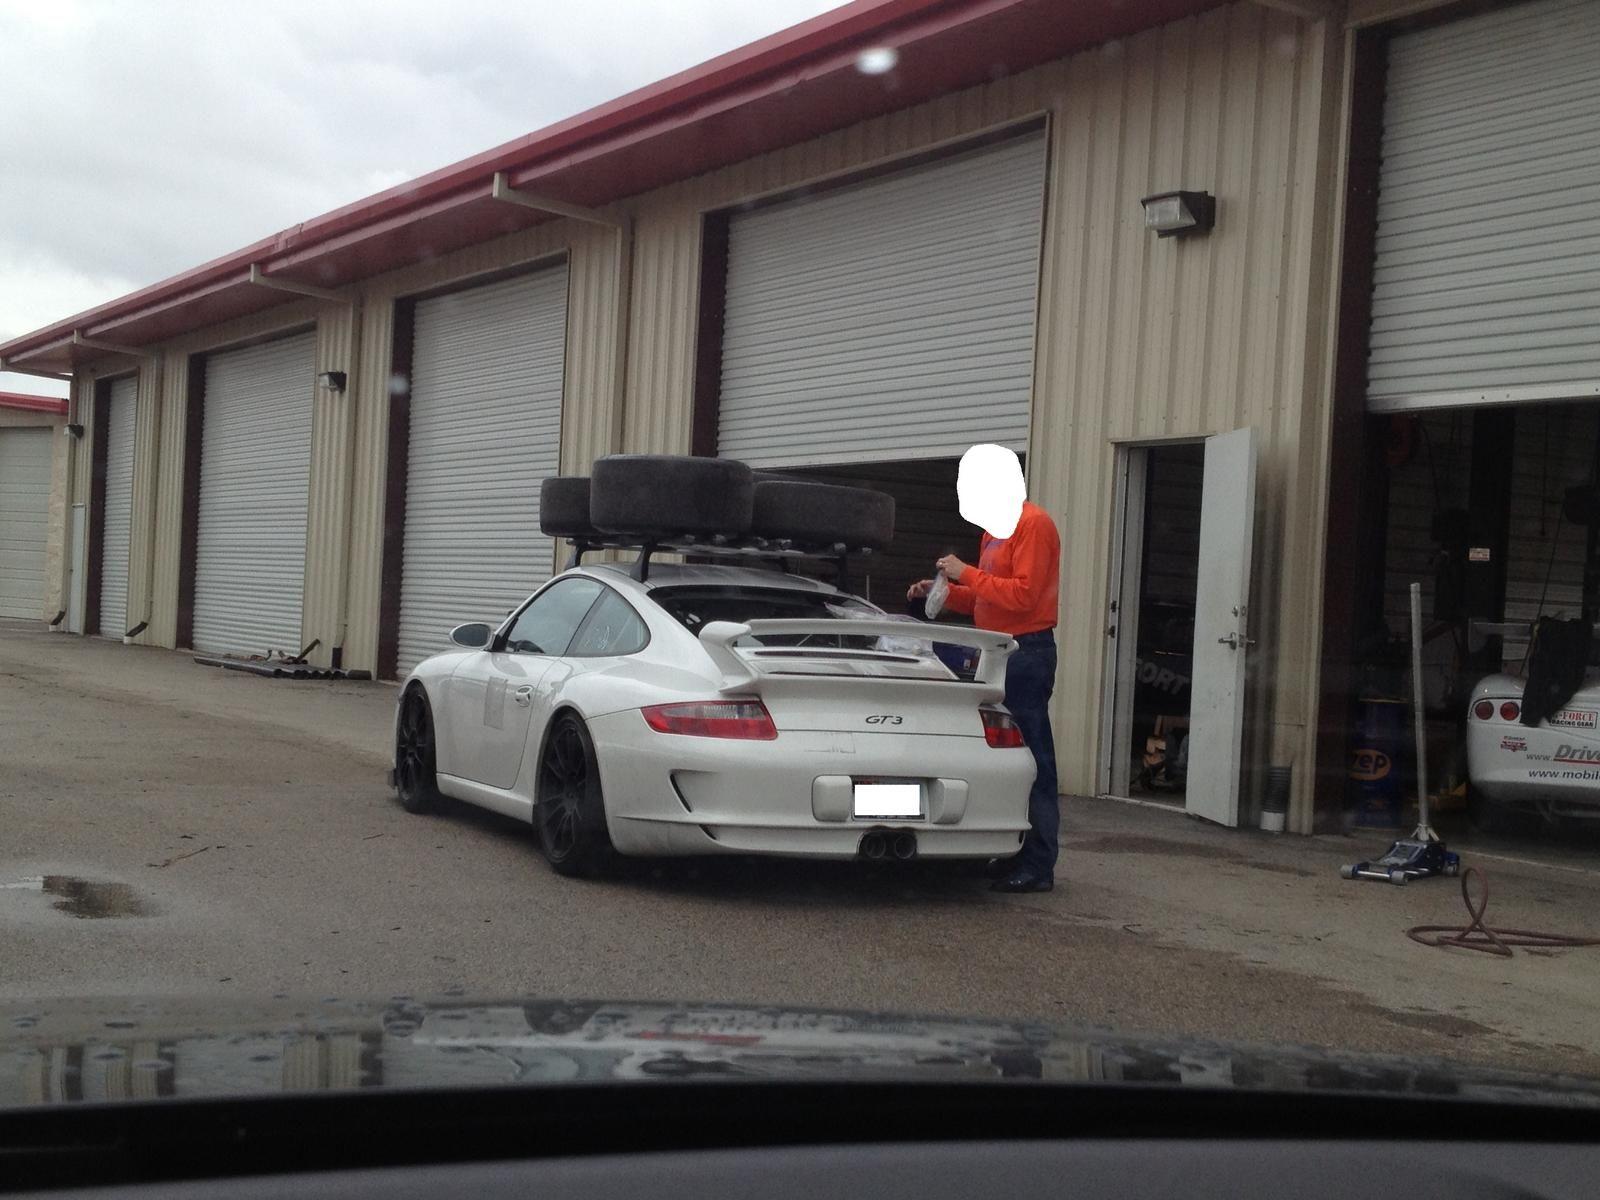 Image Result For Porsche Gt3 997 Roof Rack Porsche Gt3 Porsche Roof Rack